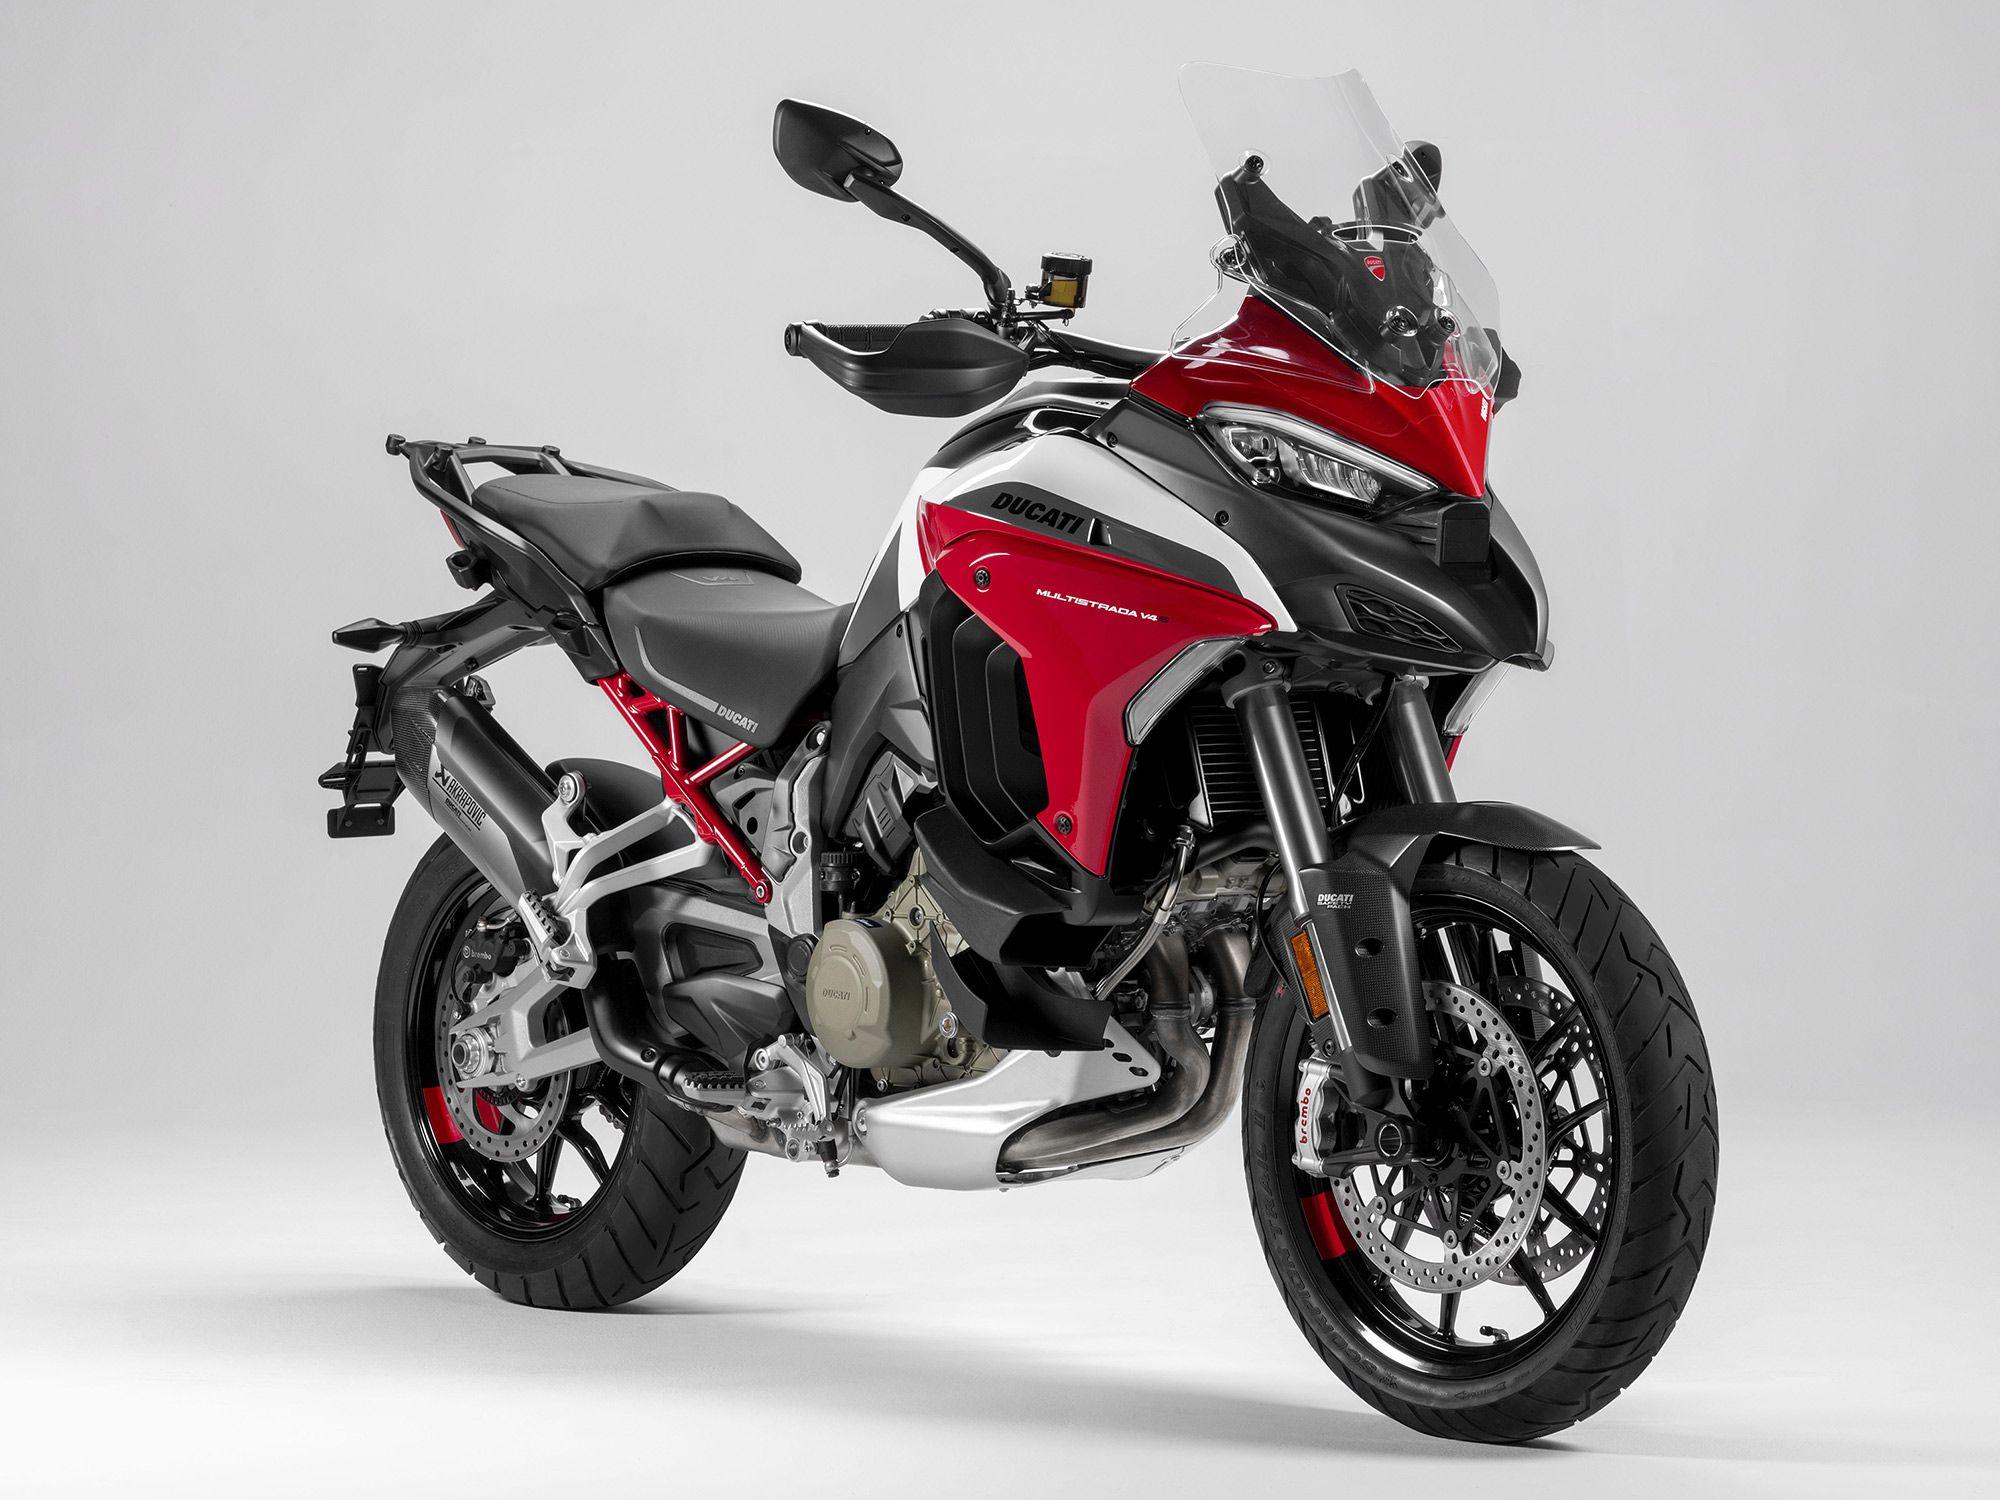 2021 Ducati Multistrada V4 S Sport